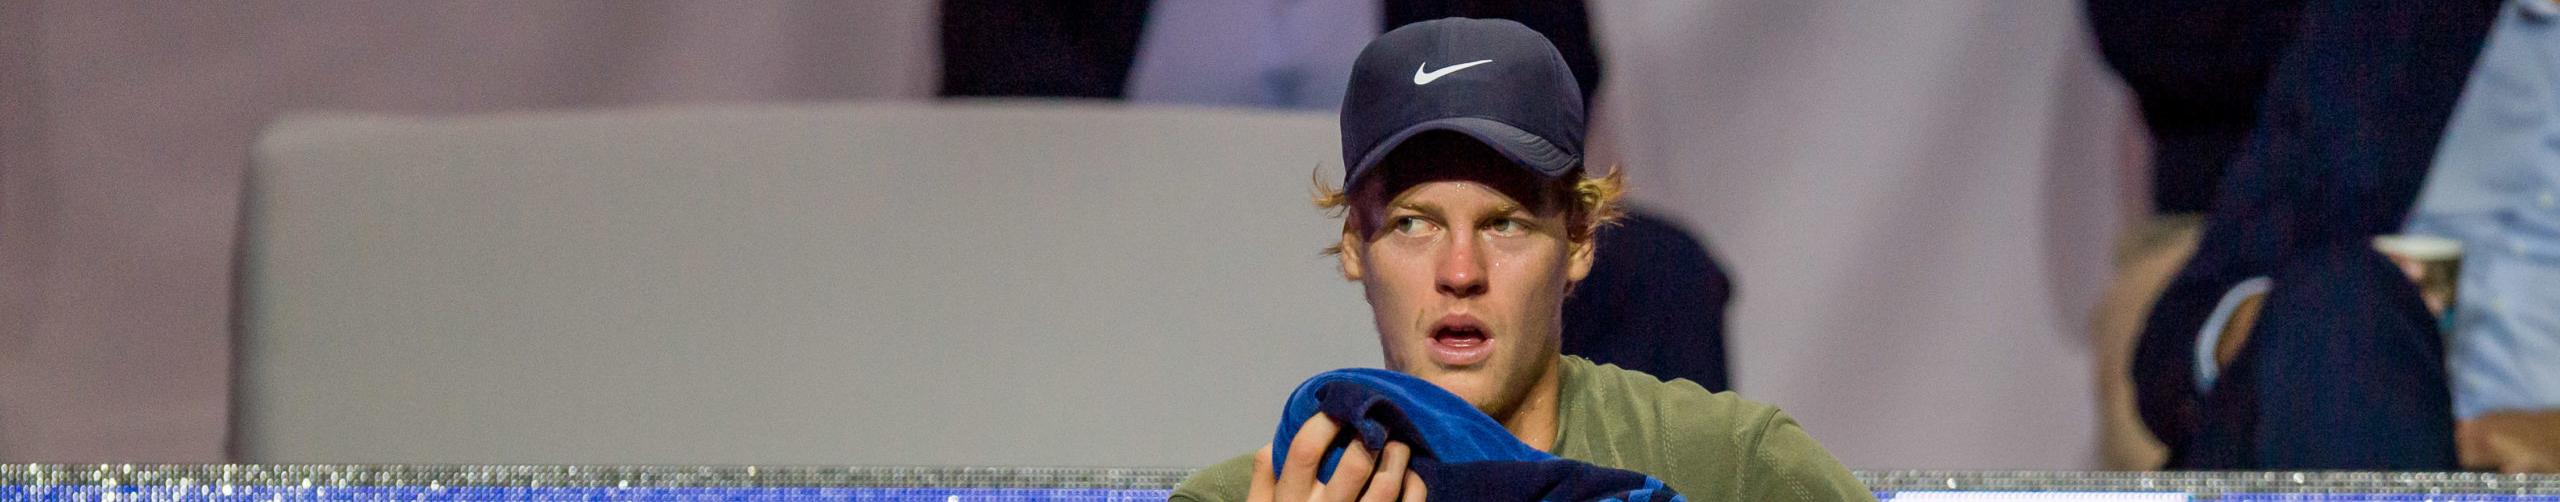 Pronostici tennis, i consigli del giorno: semifinali a Sofia, c'è Sinner-Mannarino